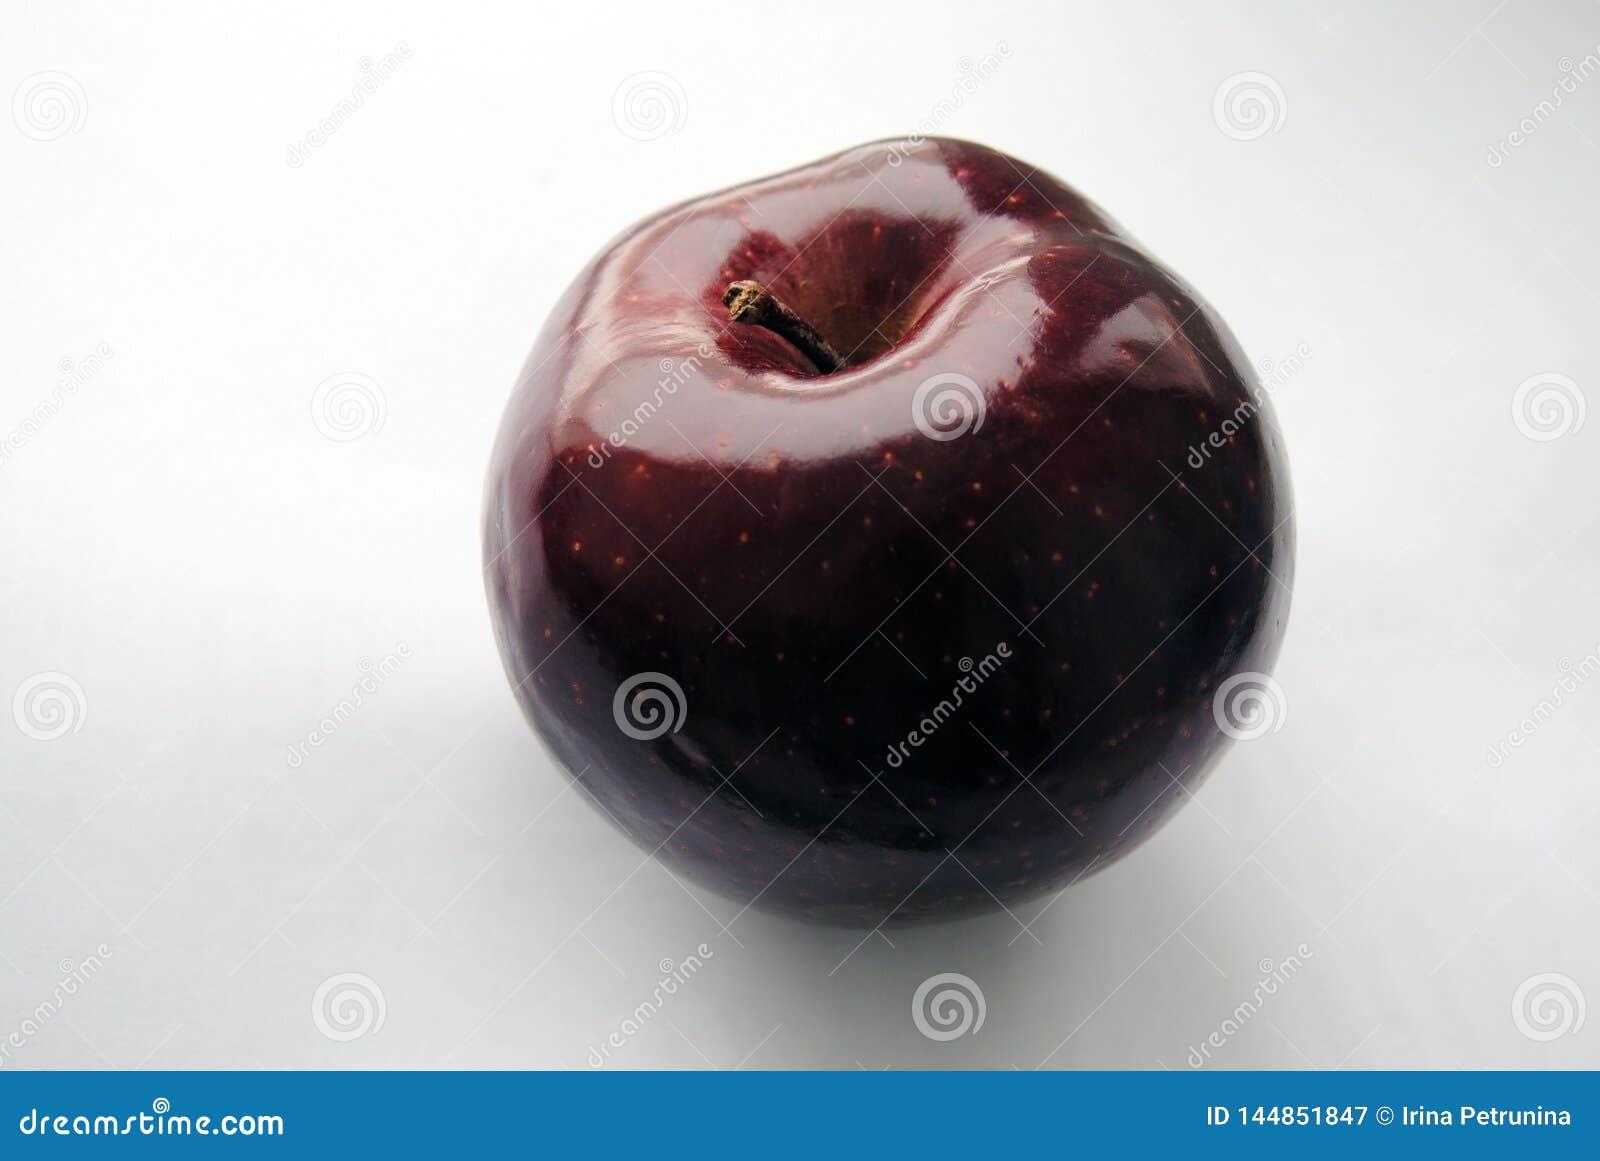 Dark red apple on a white background